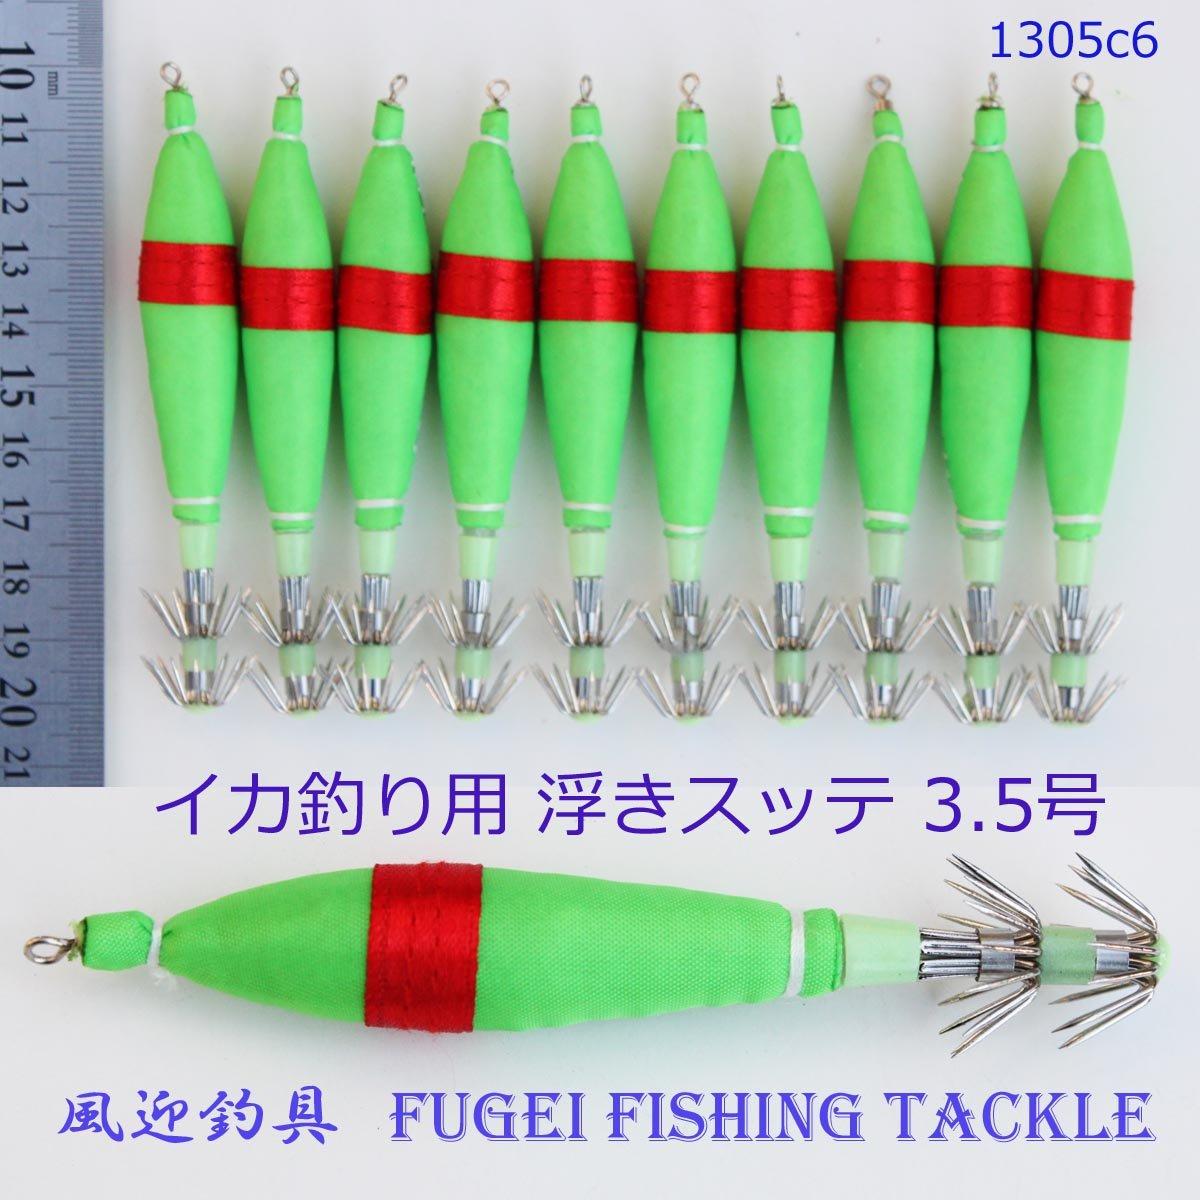 世界的に イカ釣り 夜光 イカ釣り 3.5号 (約10cm)浮きスッテ 100本 夜光 A20hs1305c635g100ps B00B176X1Q B00B176X1Q, リサイクルきもの福服:fc828c0c --- adornedu.com